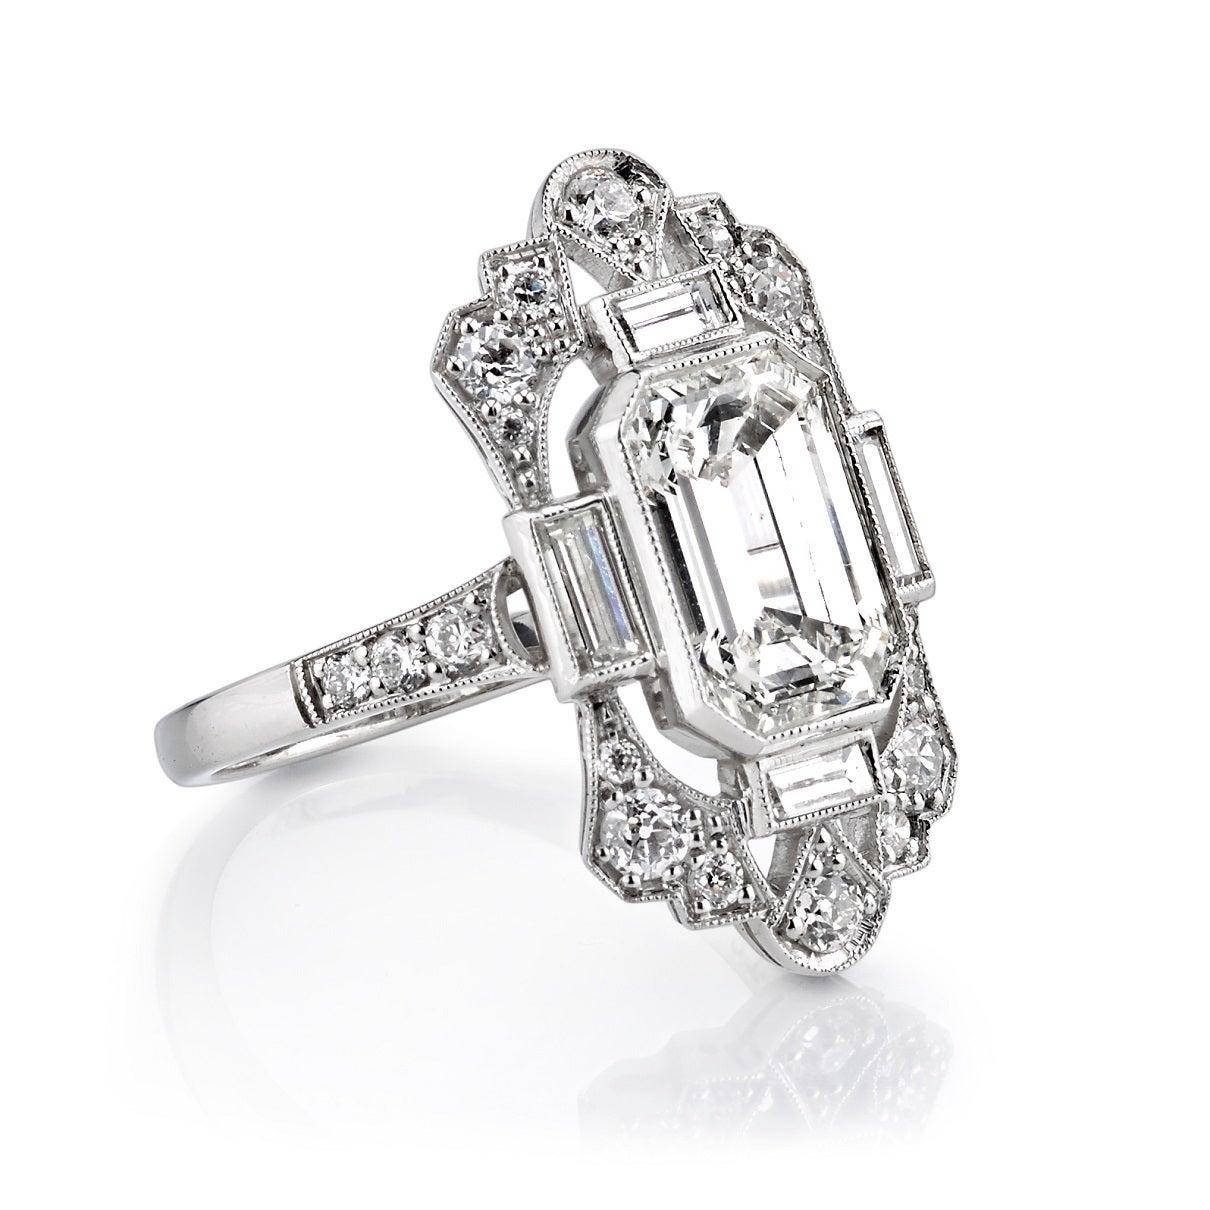 2 03 carat cert emerald cut platinum